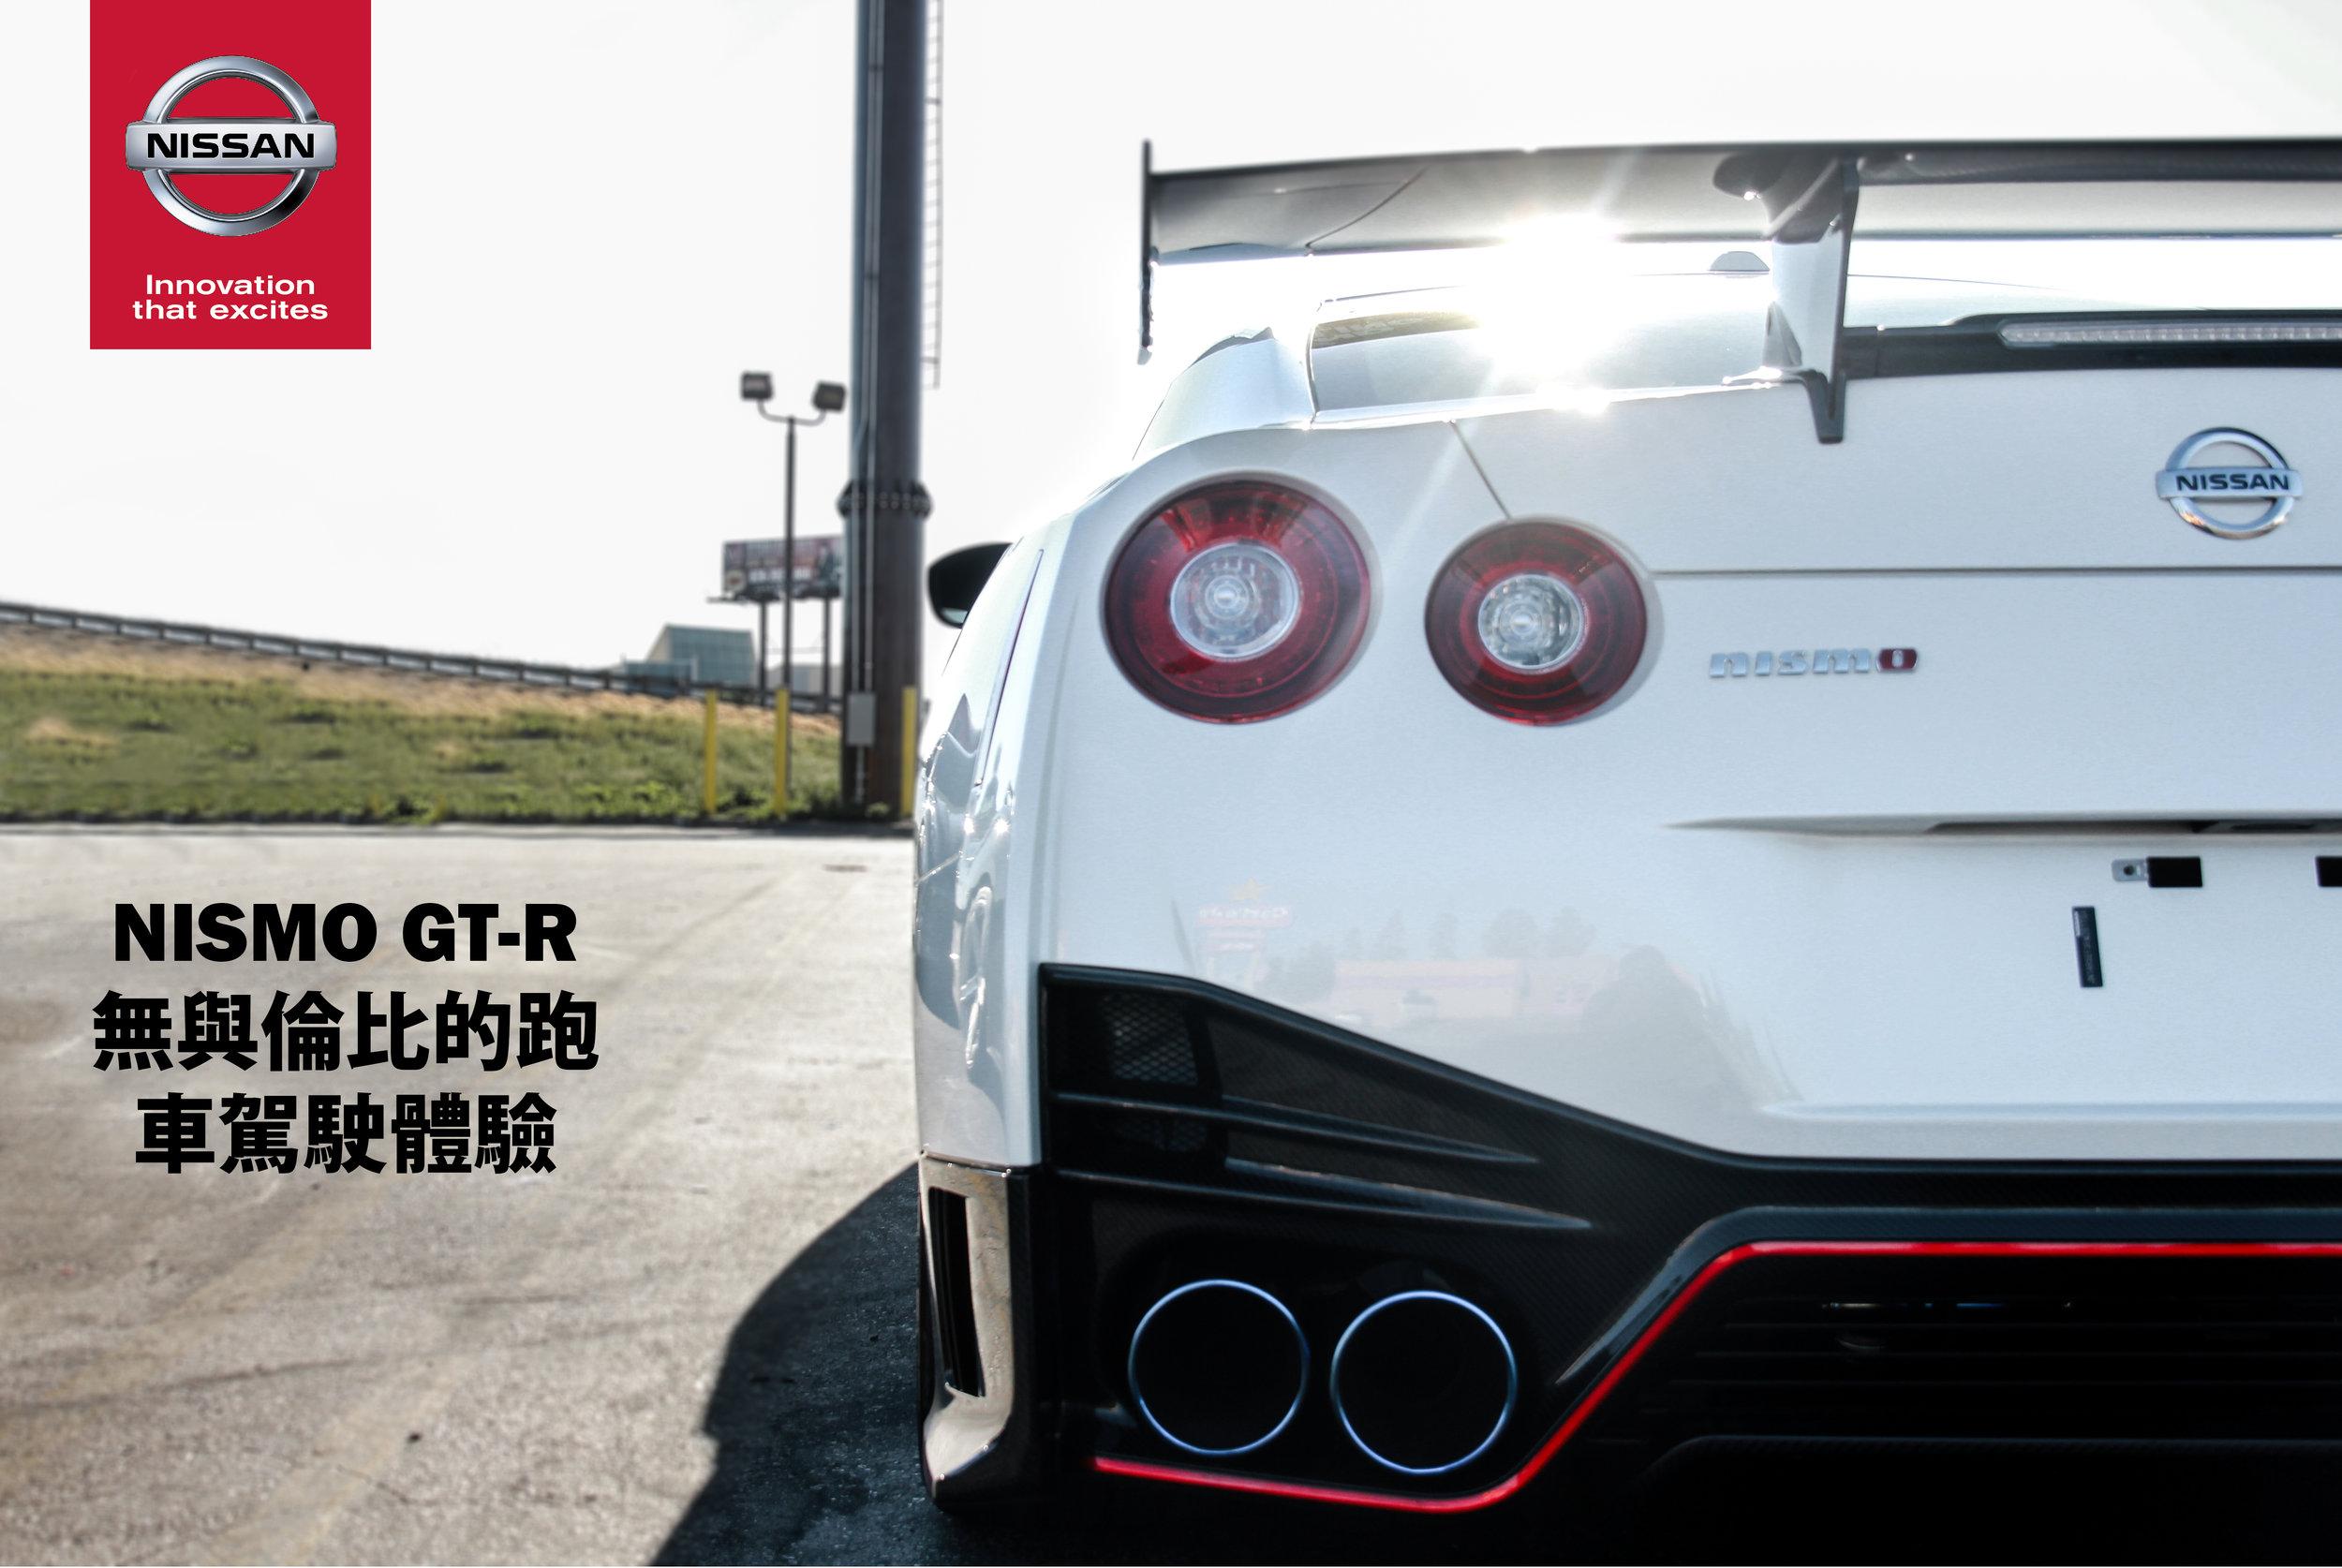 Nissan Nismo GT-R Ad